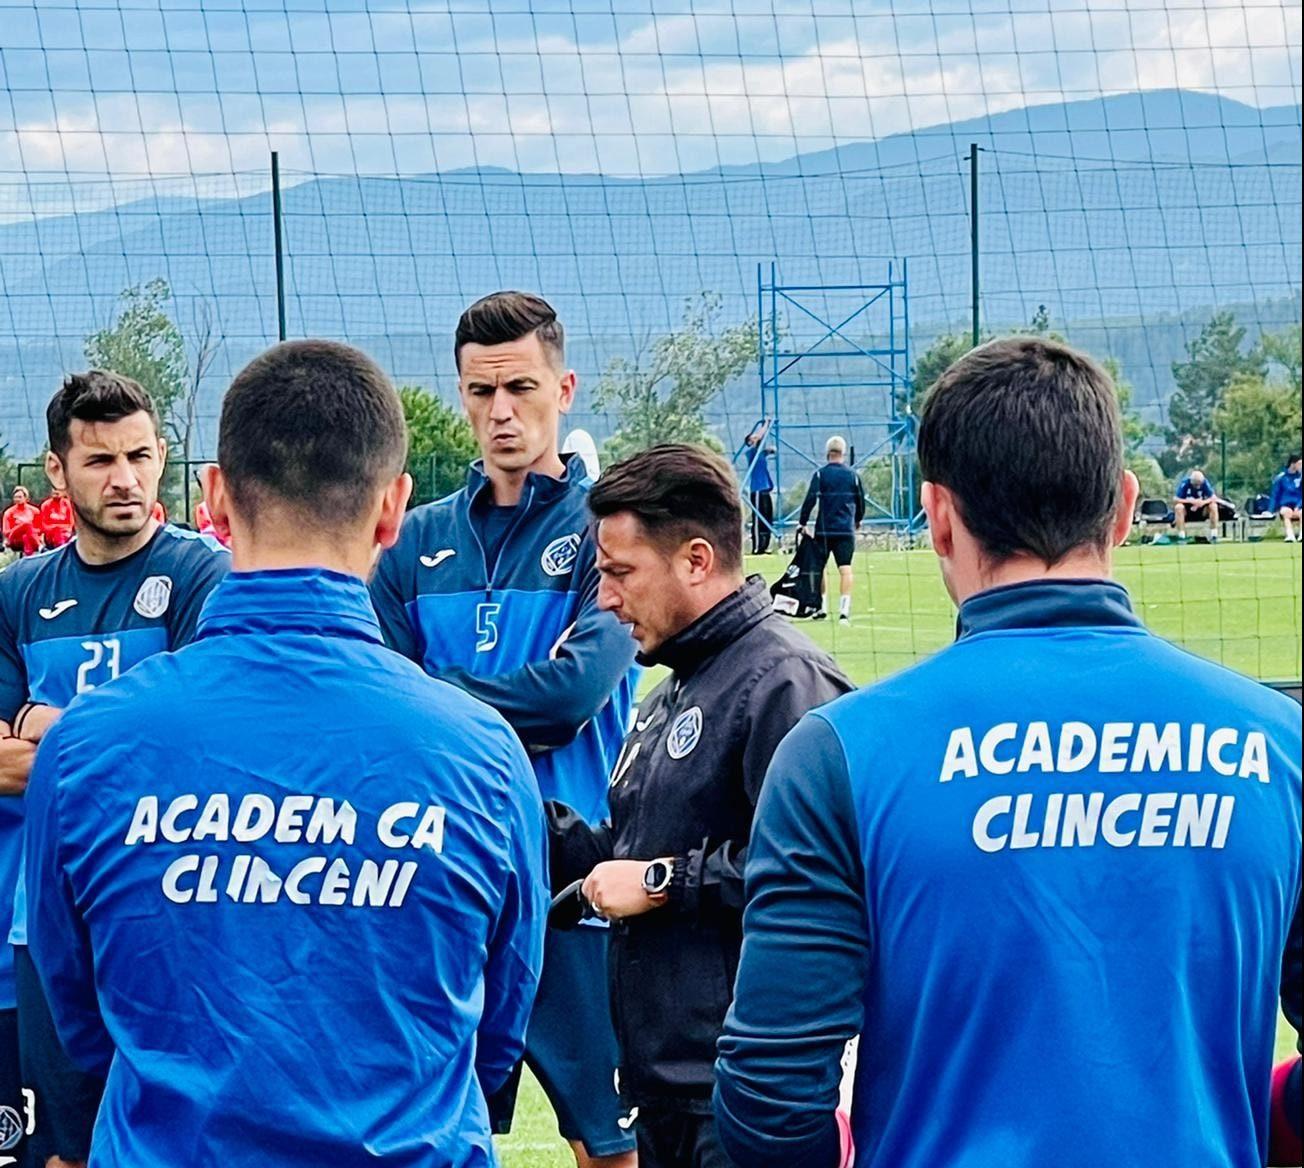 Academica Clinceni